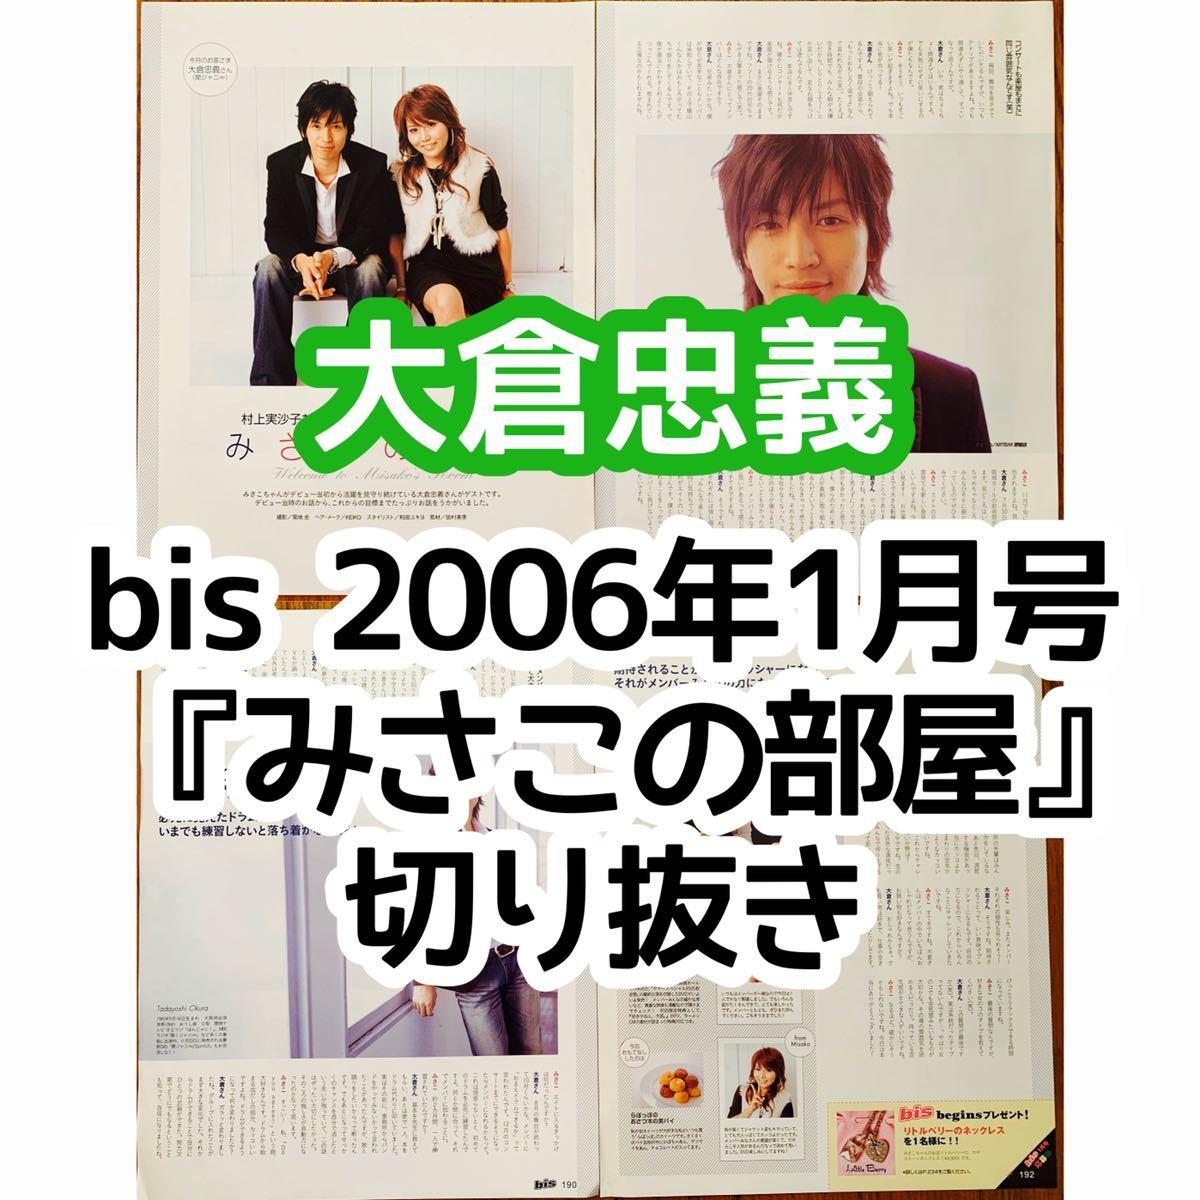 貴重!関ジャニ∞ 大倉忠義 bis 2006年1月号[みさこの部屋] 全4ページ 切り抜き 村上実沙子 JJ